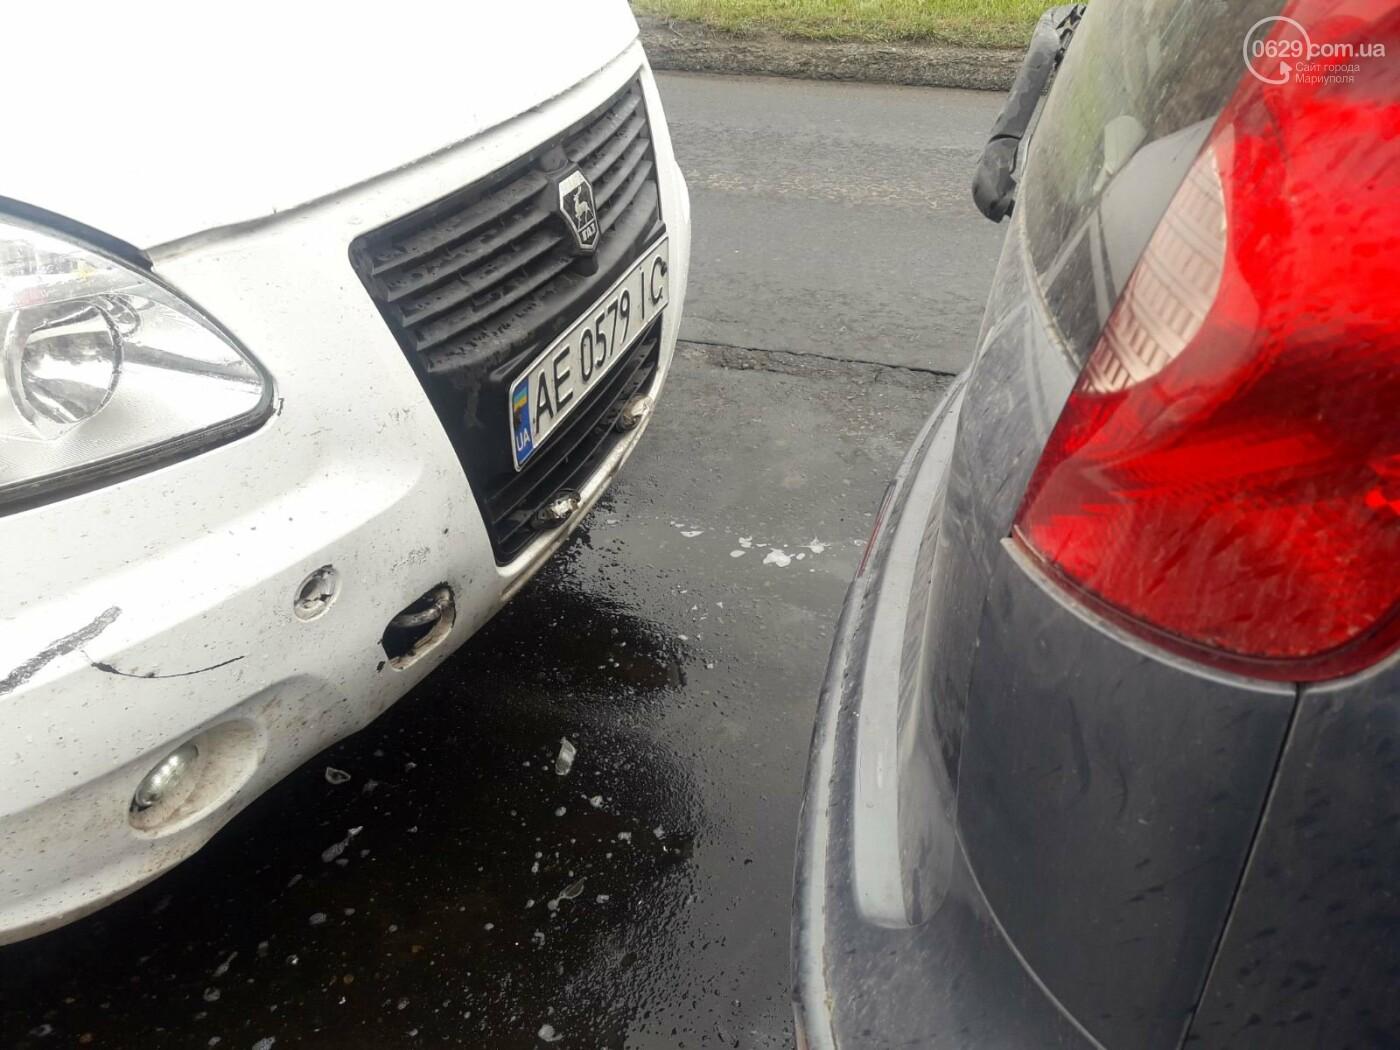 Машина в хлам, есть пострадавшие. В Мариуполе на перекрестке произошло ДТП, - ФОТО, фото-3